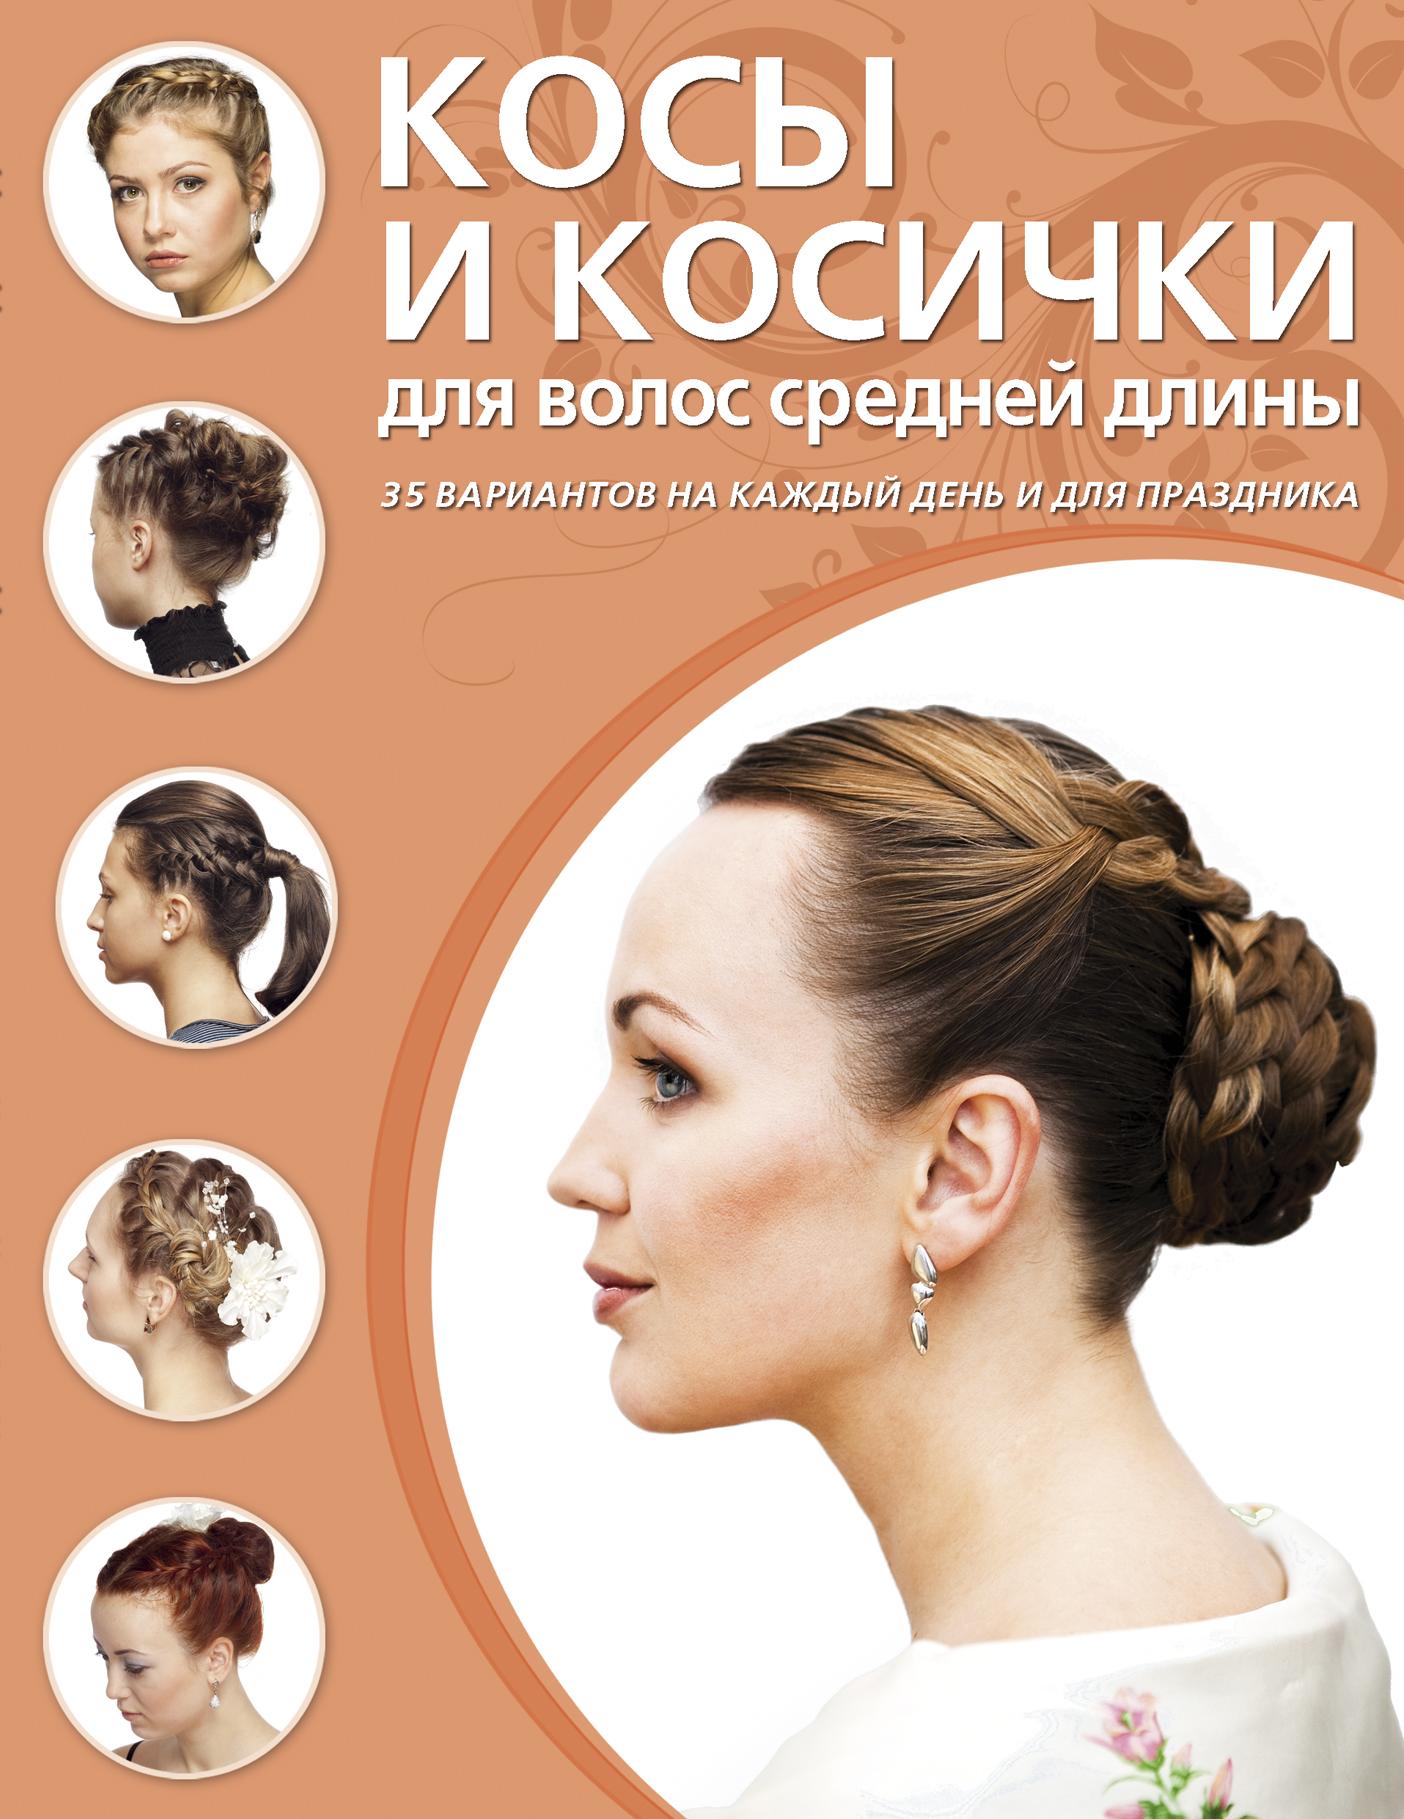 Прически для волос средней длины на каждый день